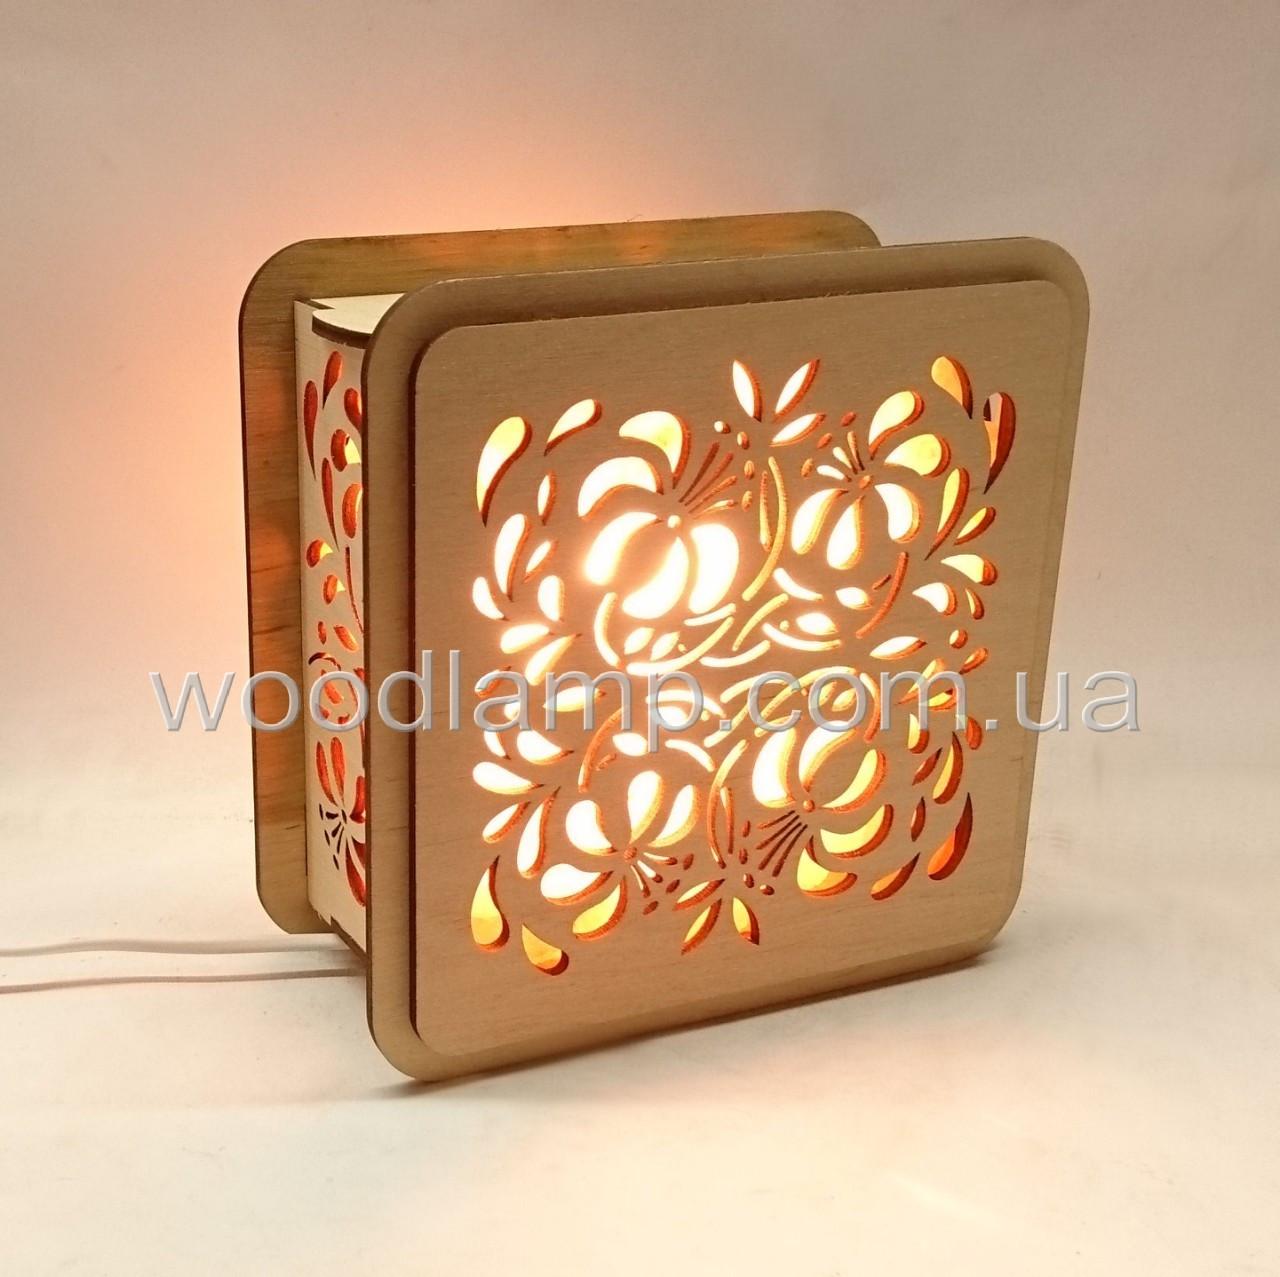 Соляной светильник Квадратный деревянный Магнолии